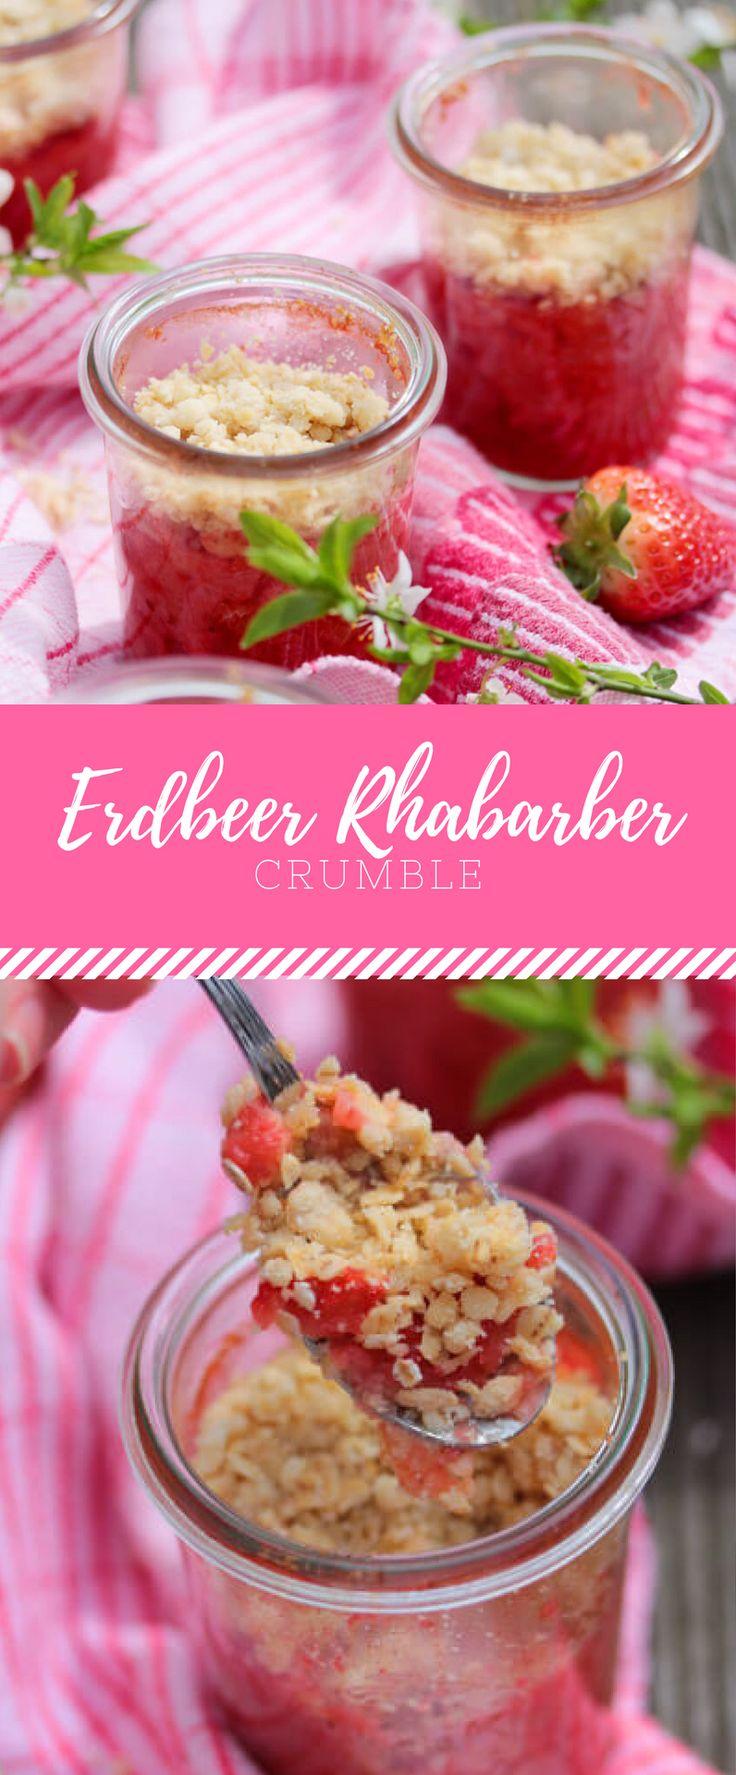 Crumble kann man mit fast allen Früchten kombinieren, aber besonders gut schmeckt es mit diesem Rezept für Erdbeer Rhabarber Crumble!